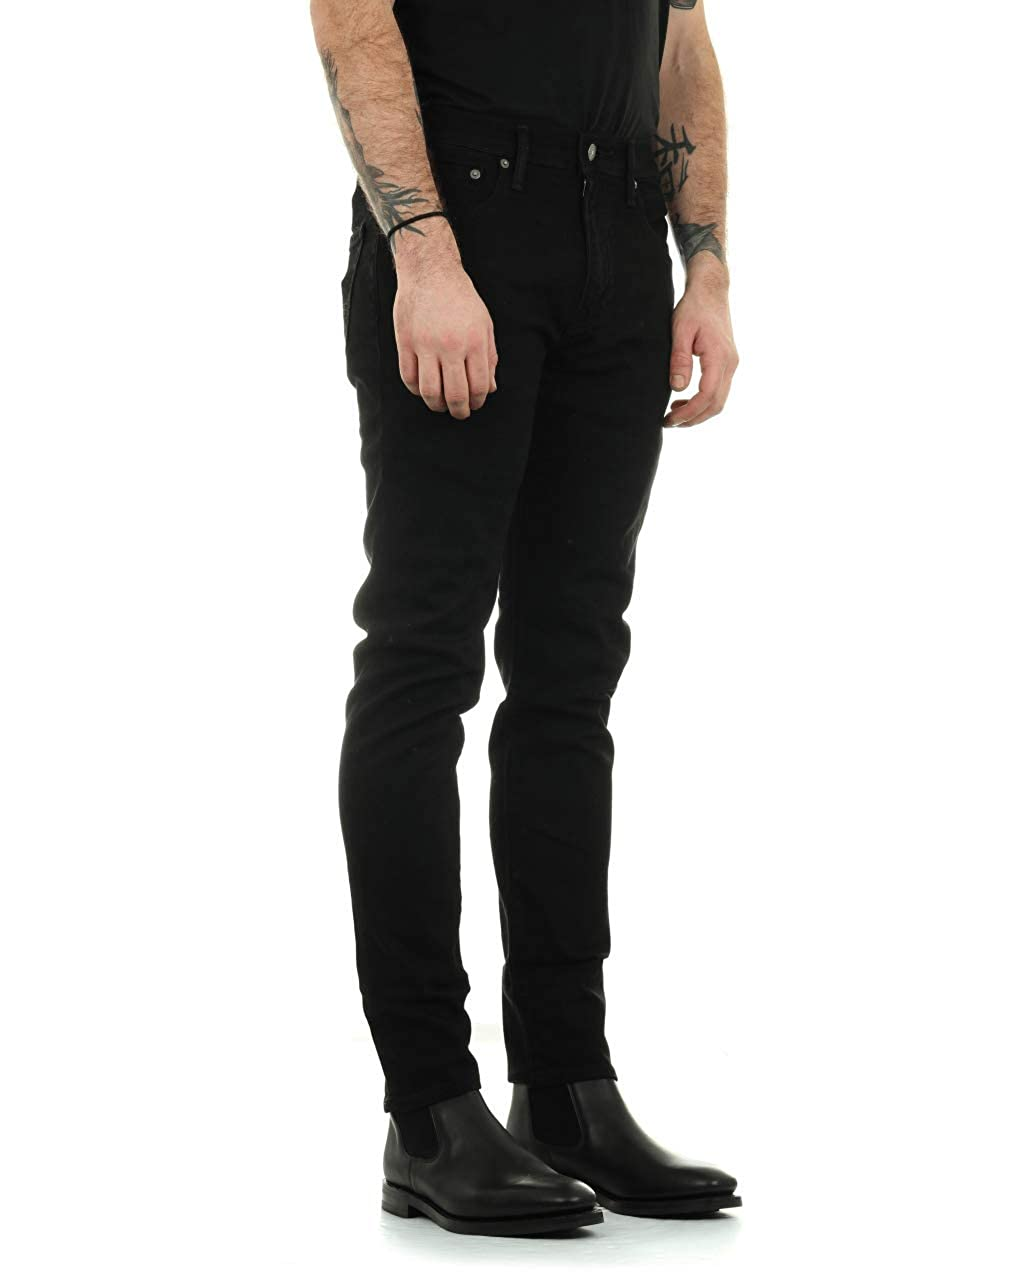 Levi's Hombre 512 delgados apretada cónica nightshine Jeans, Negro